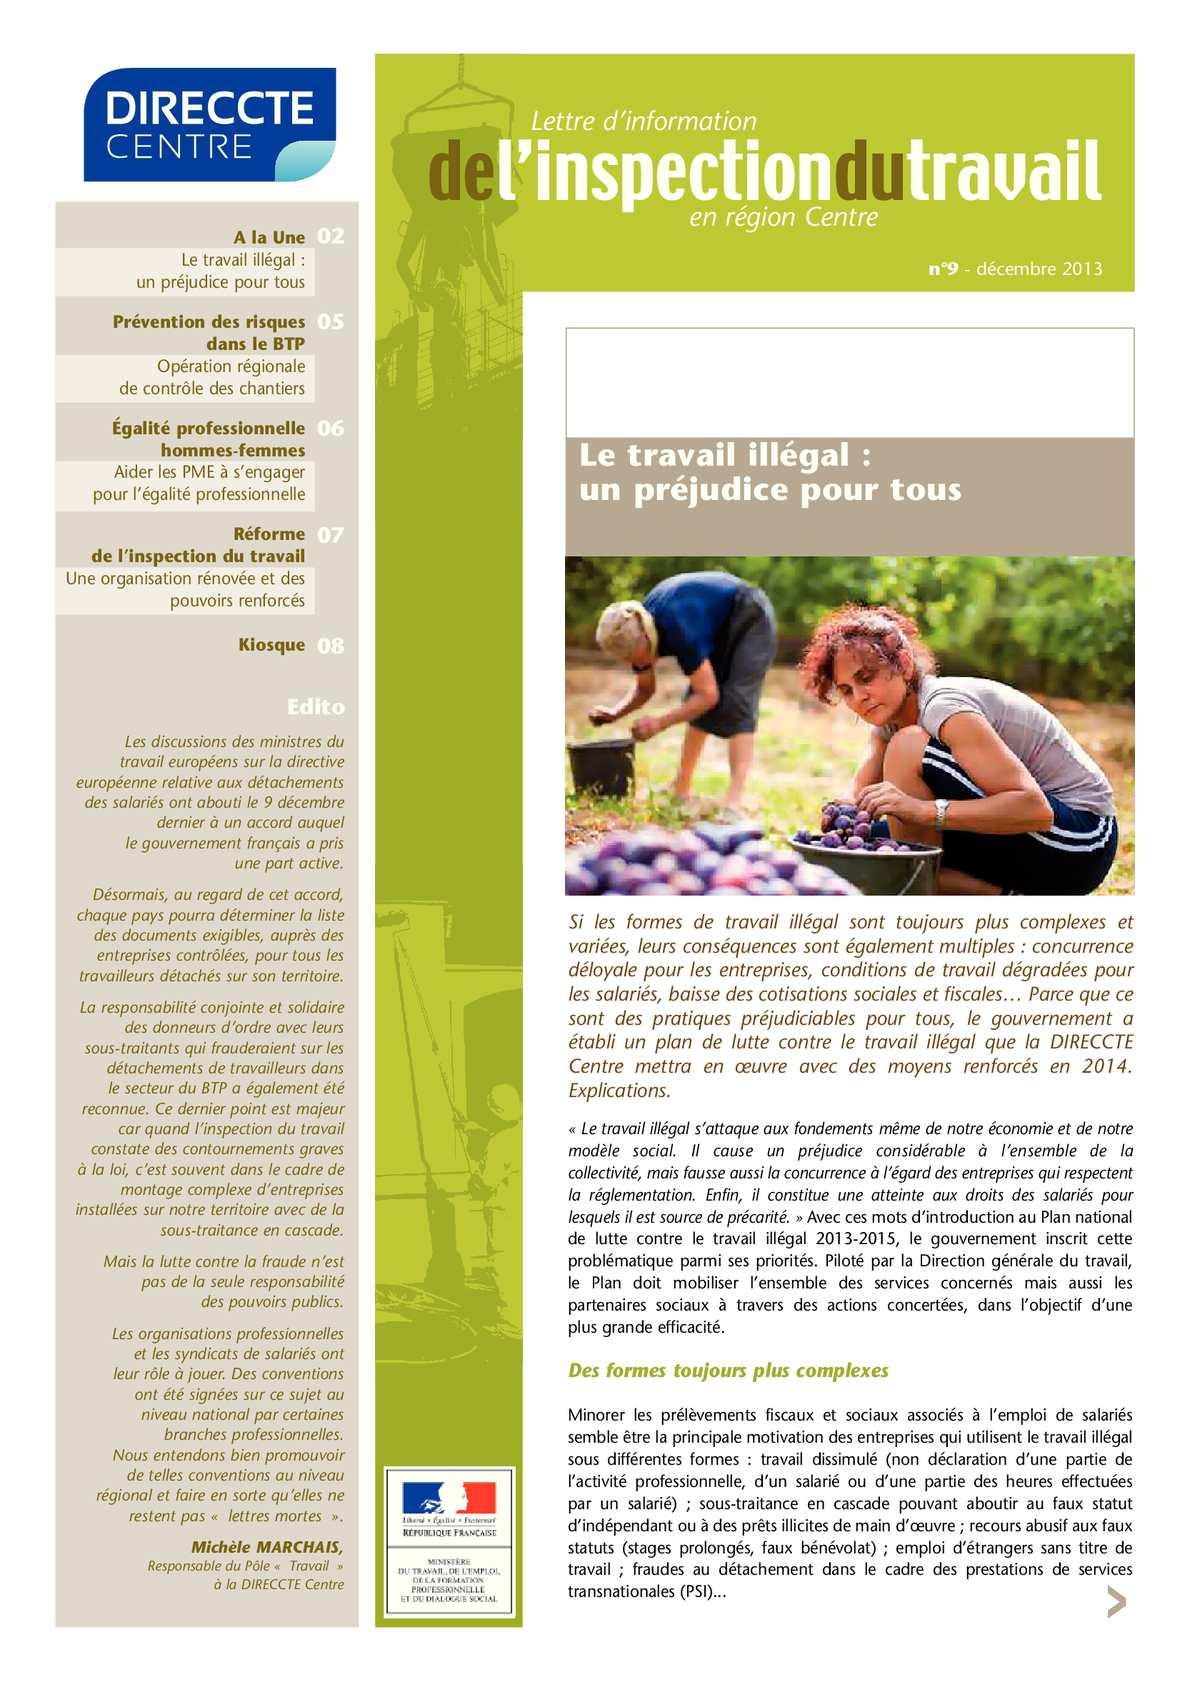 Calam o 9 lettre d 39 information de l 39 inspection du travail n 9 d cembre 2013 - Inspection du travail bourges ...